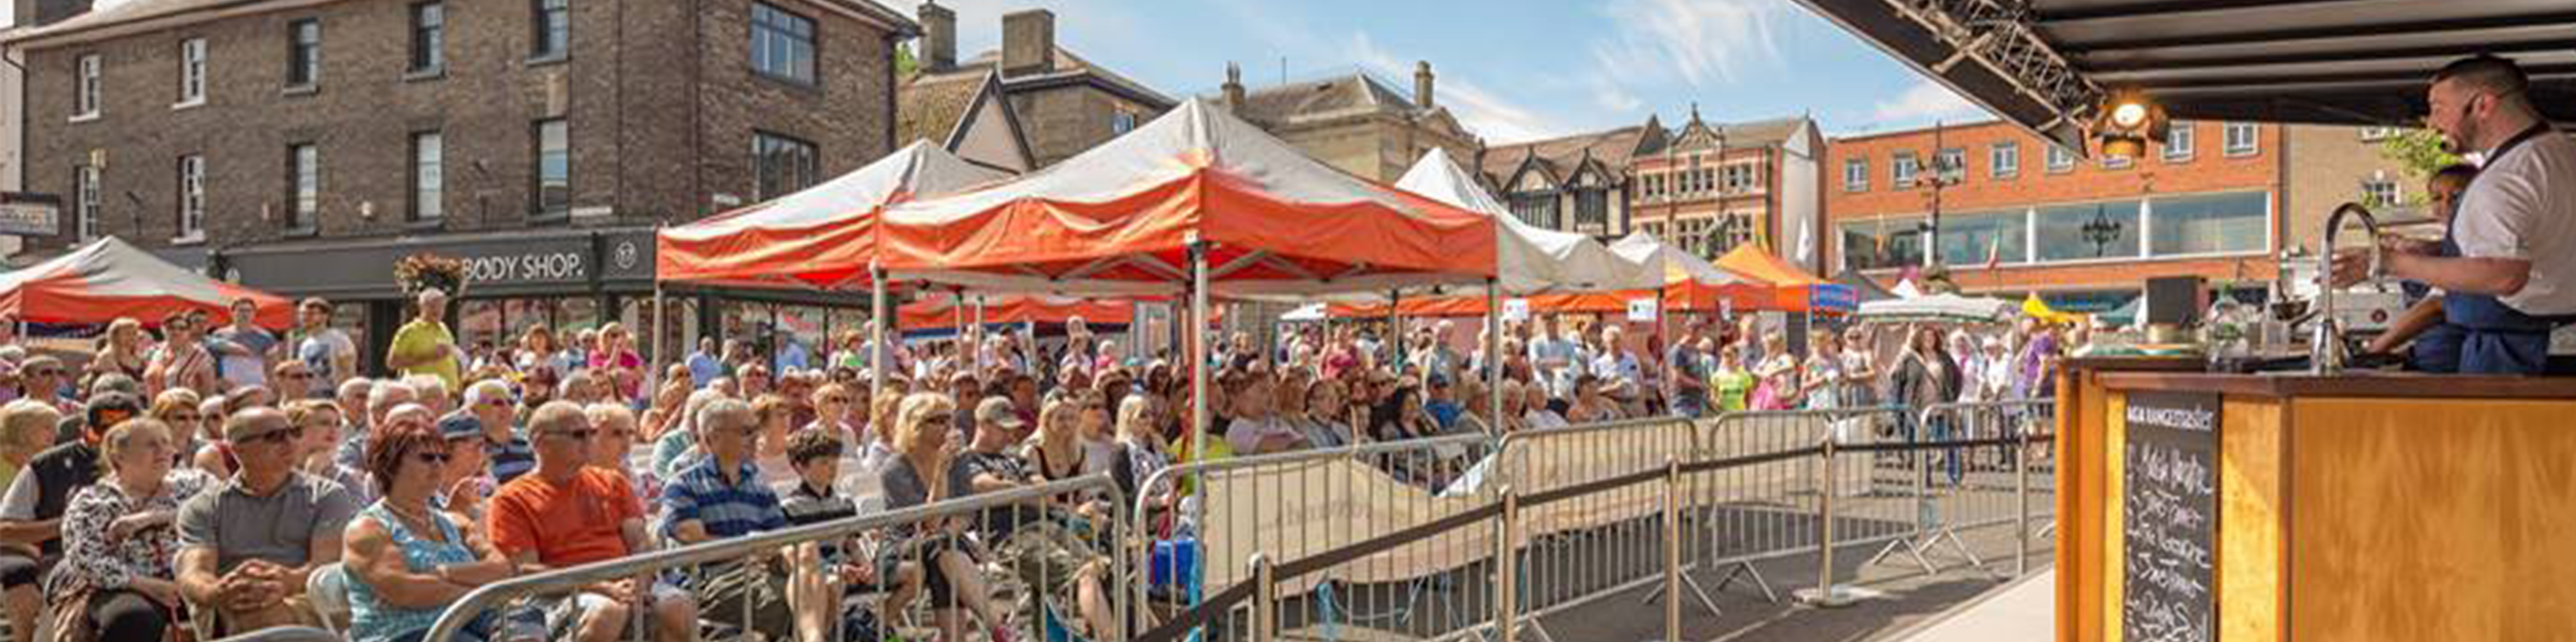 Bury Food & Drink Festival